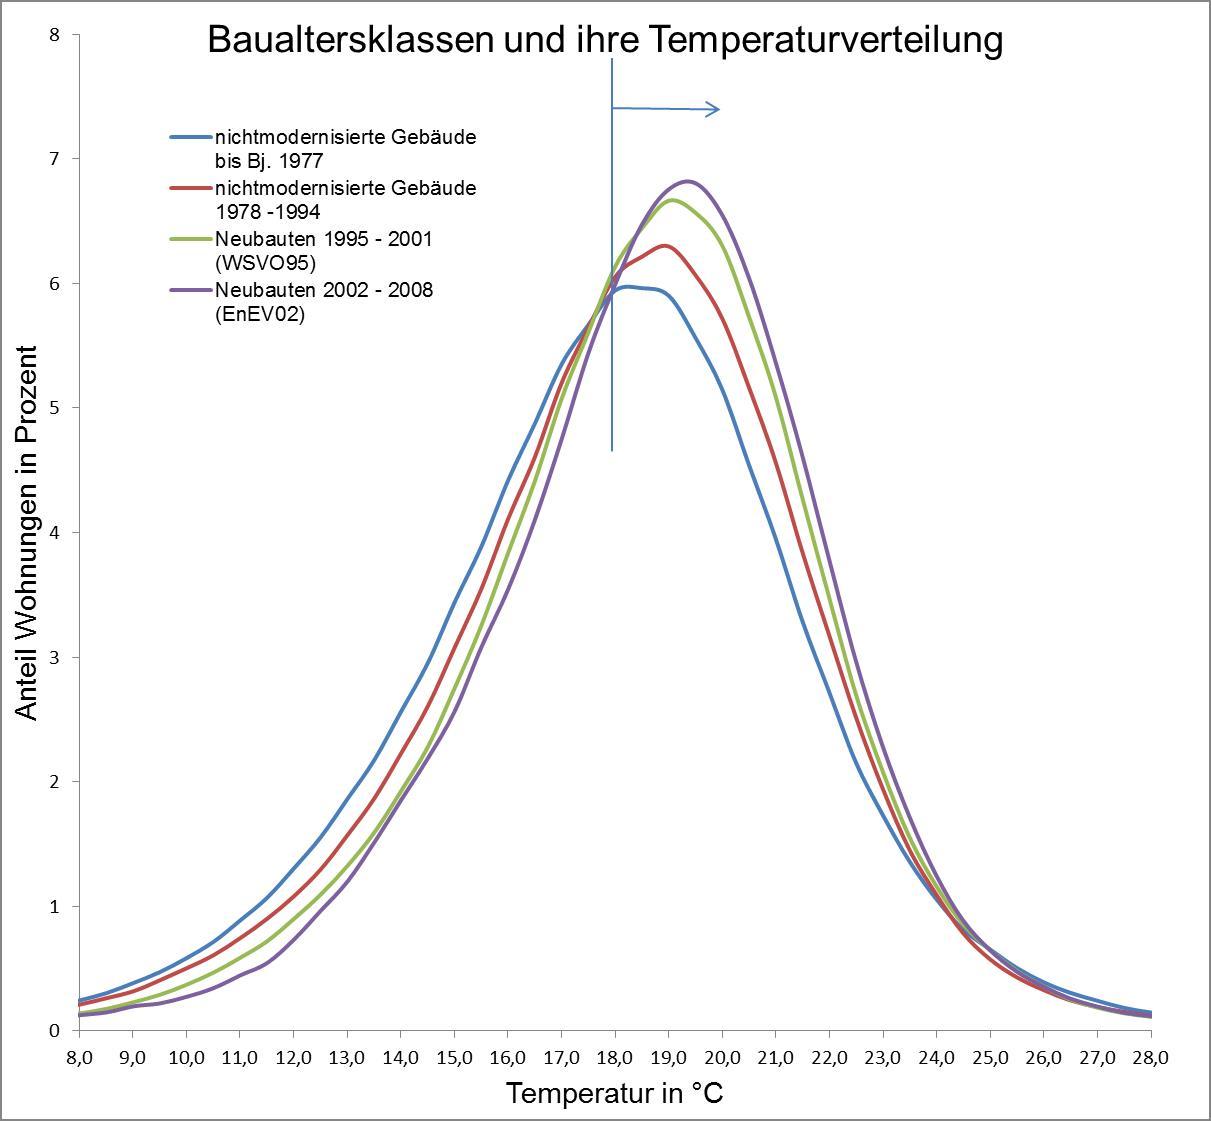 Baualtersklassen und ihre Temperaturverteilung